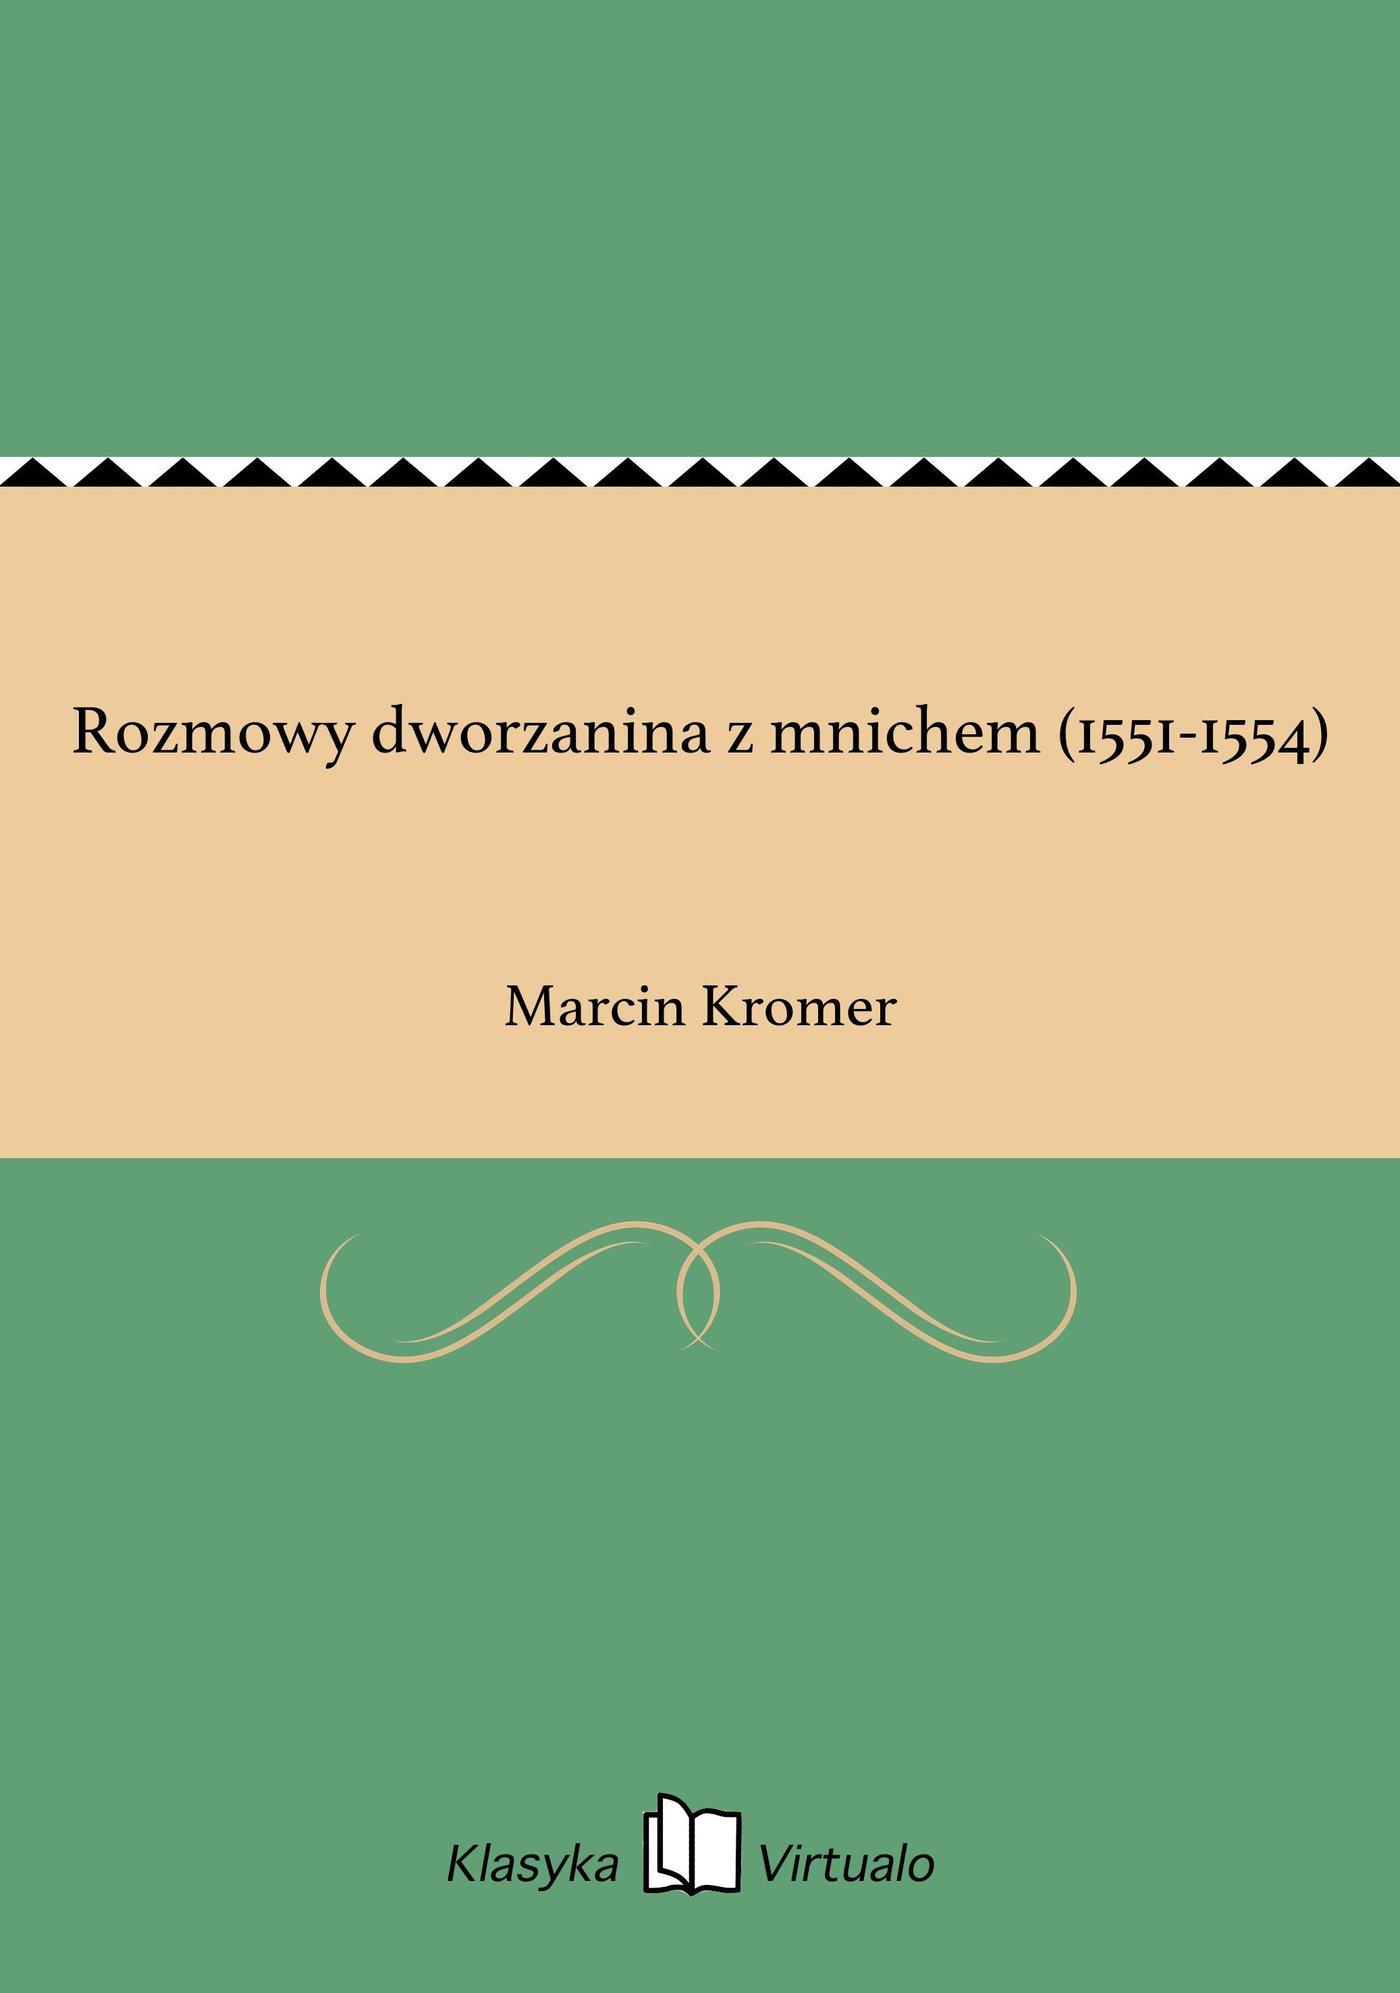 Rozmowy dworzanina z mnichem (1551-1554) - Ebook (Książka EPUB) do pobrania w formacie EPUB